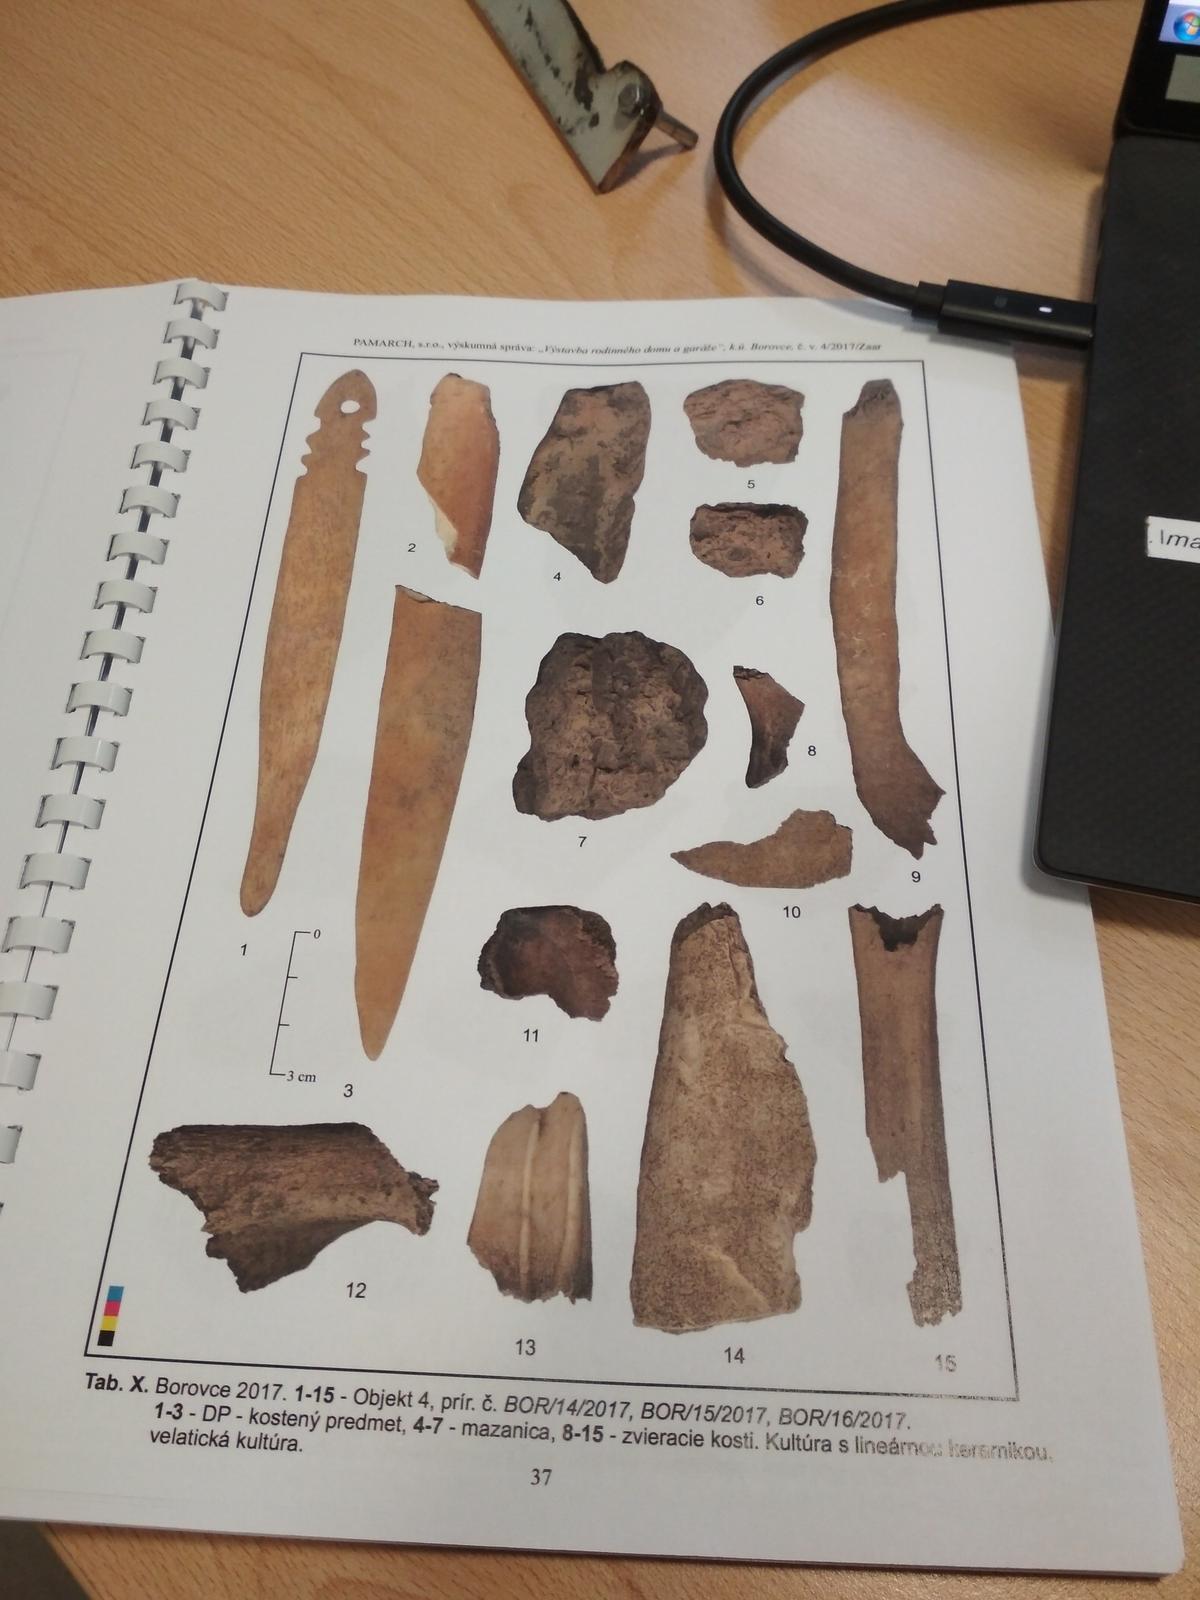 Moje trápenie 16x10 - Už mám arch.správu , pod domom budem mať 7000 rokov staré sídla, ale našiel sa aj gombík ČS  armady 1920. Celkovo sa našlo pri výkopoch 202 arch. nálezov.